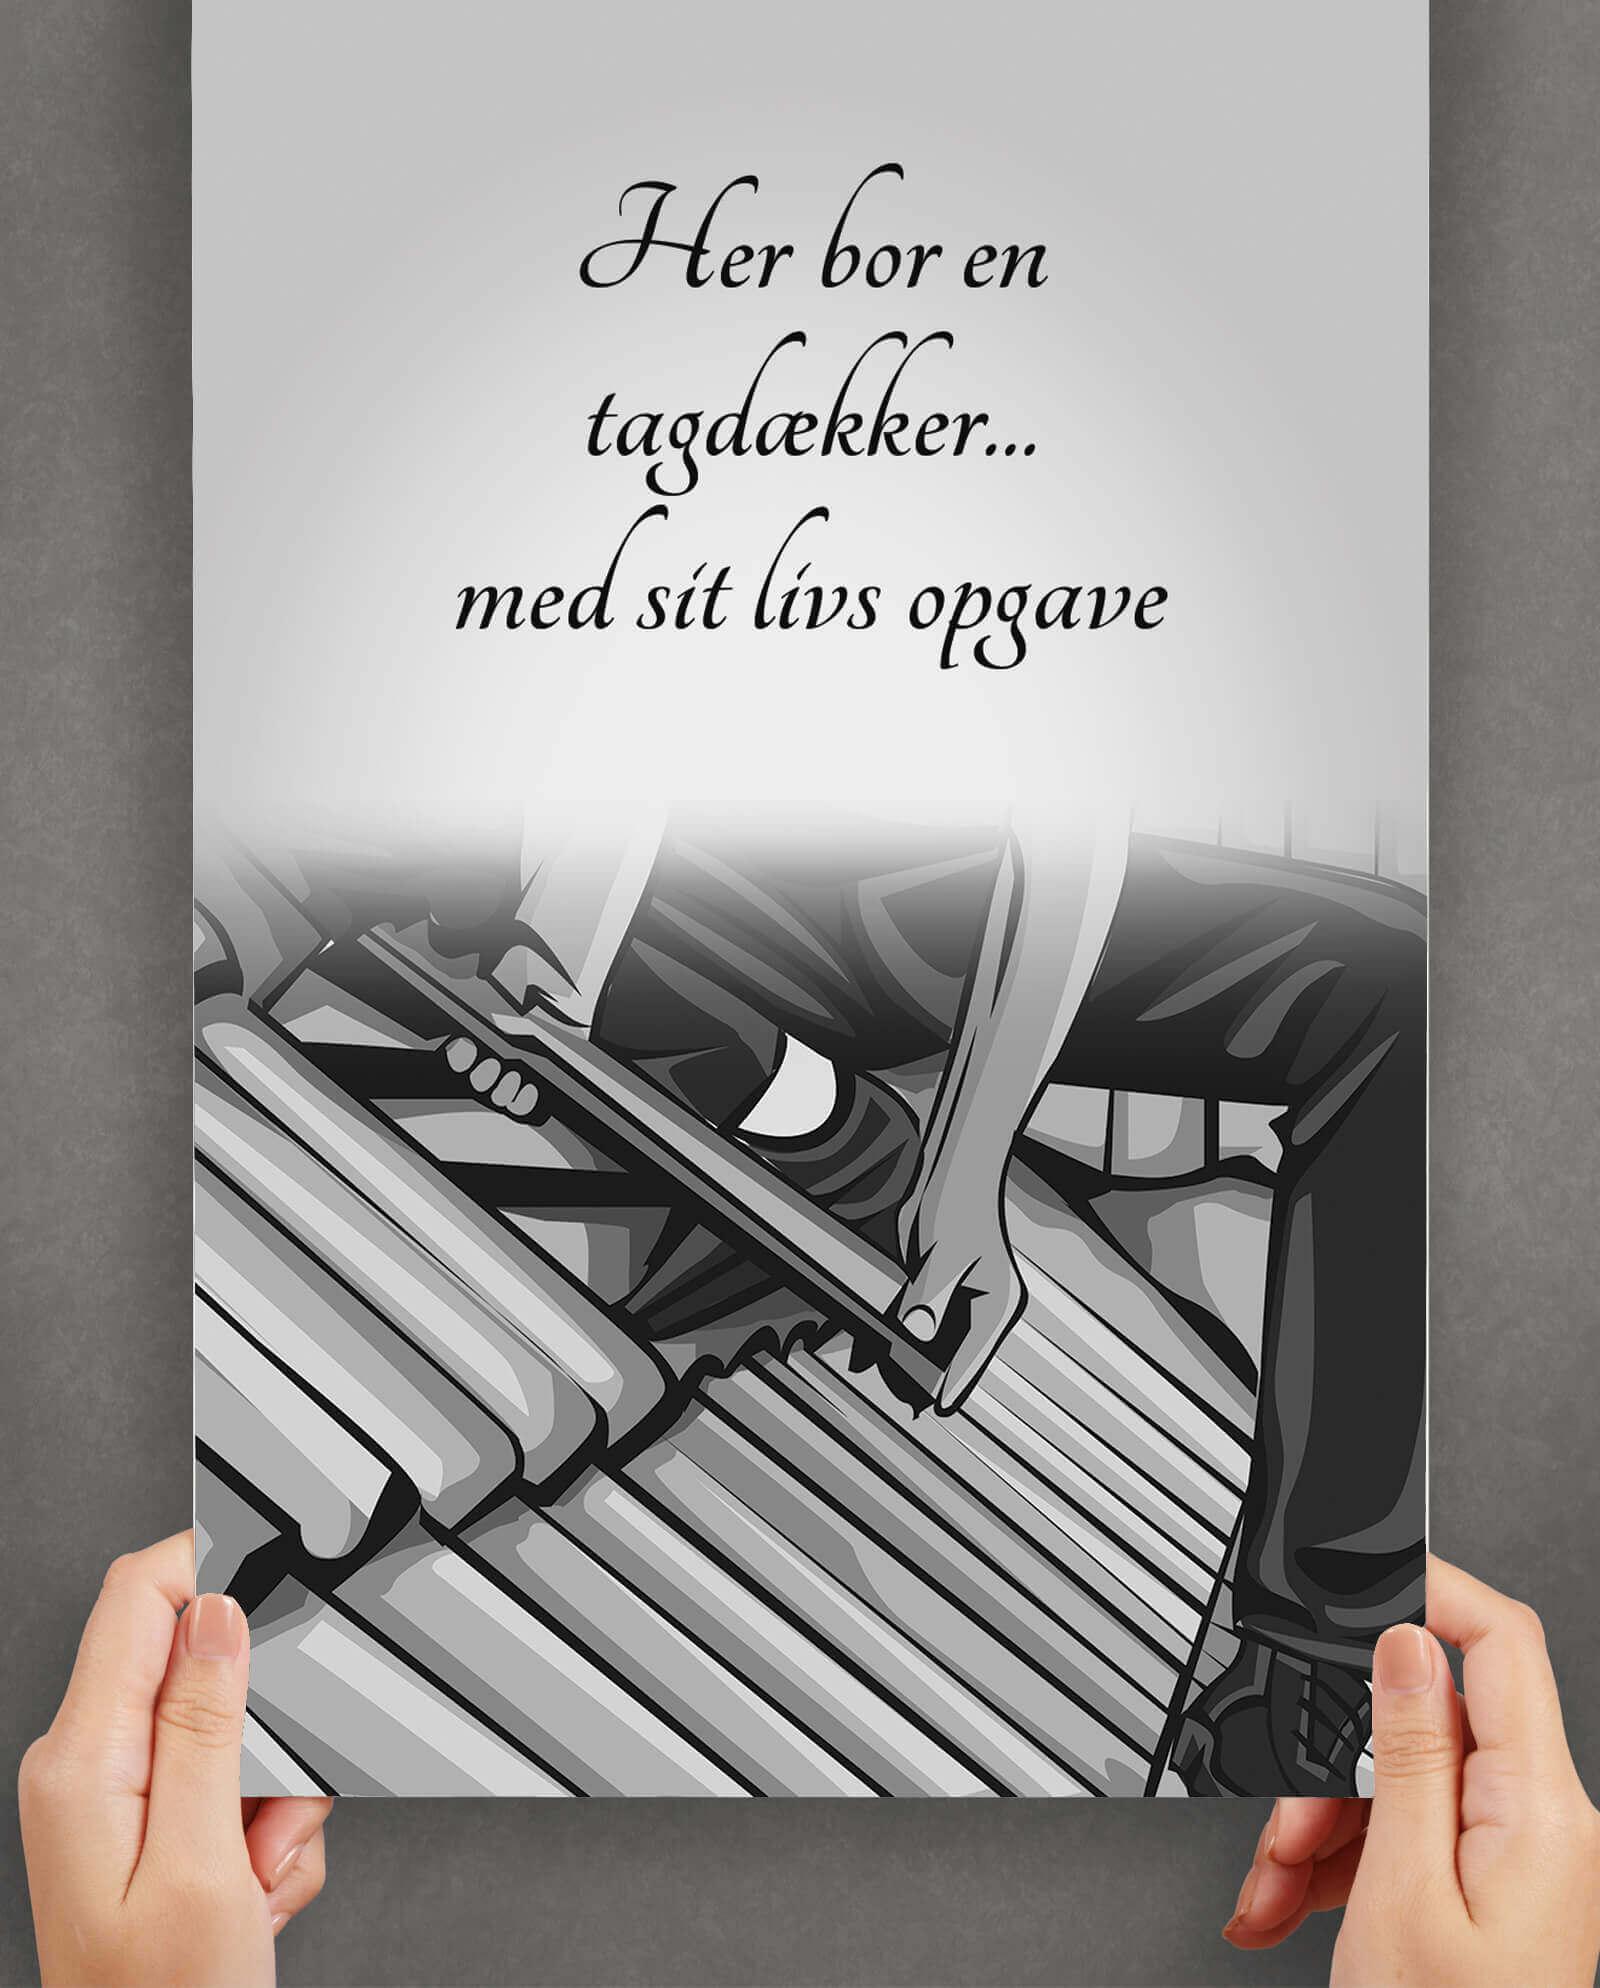 tagdaekker-arbejde-plakat